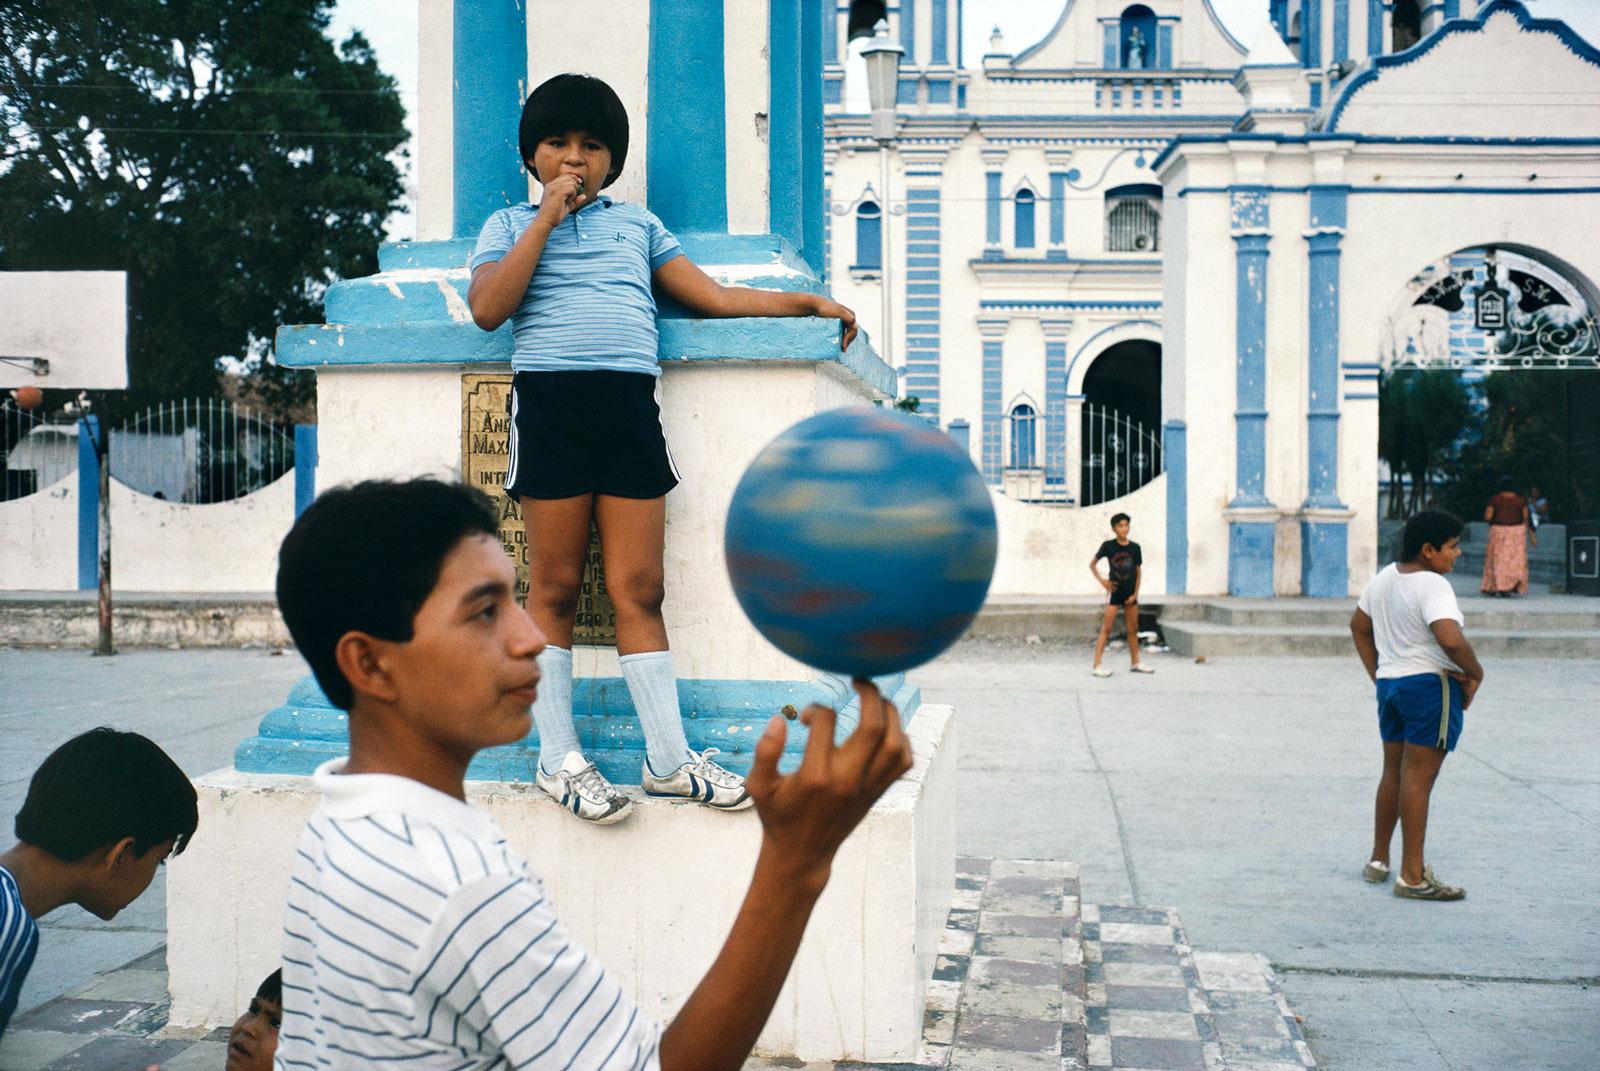 Tehuantepec, Oaxaca, Mexico, 1985